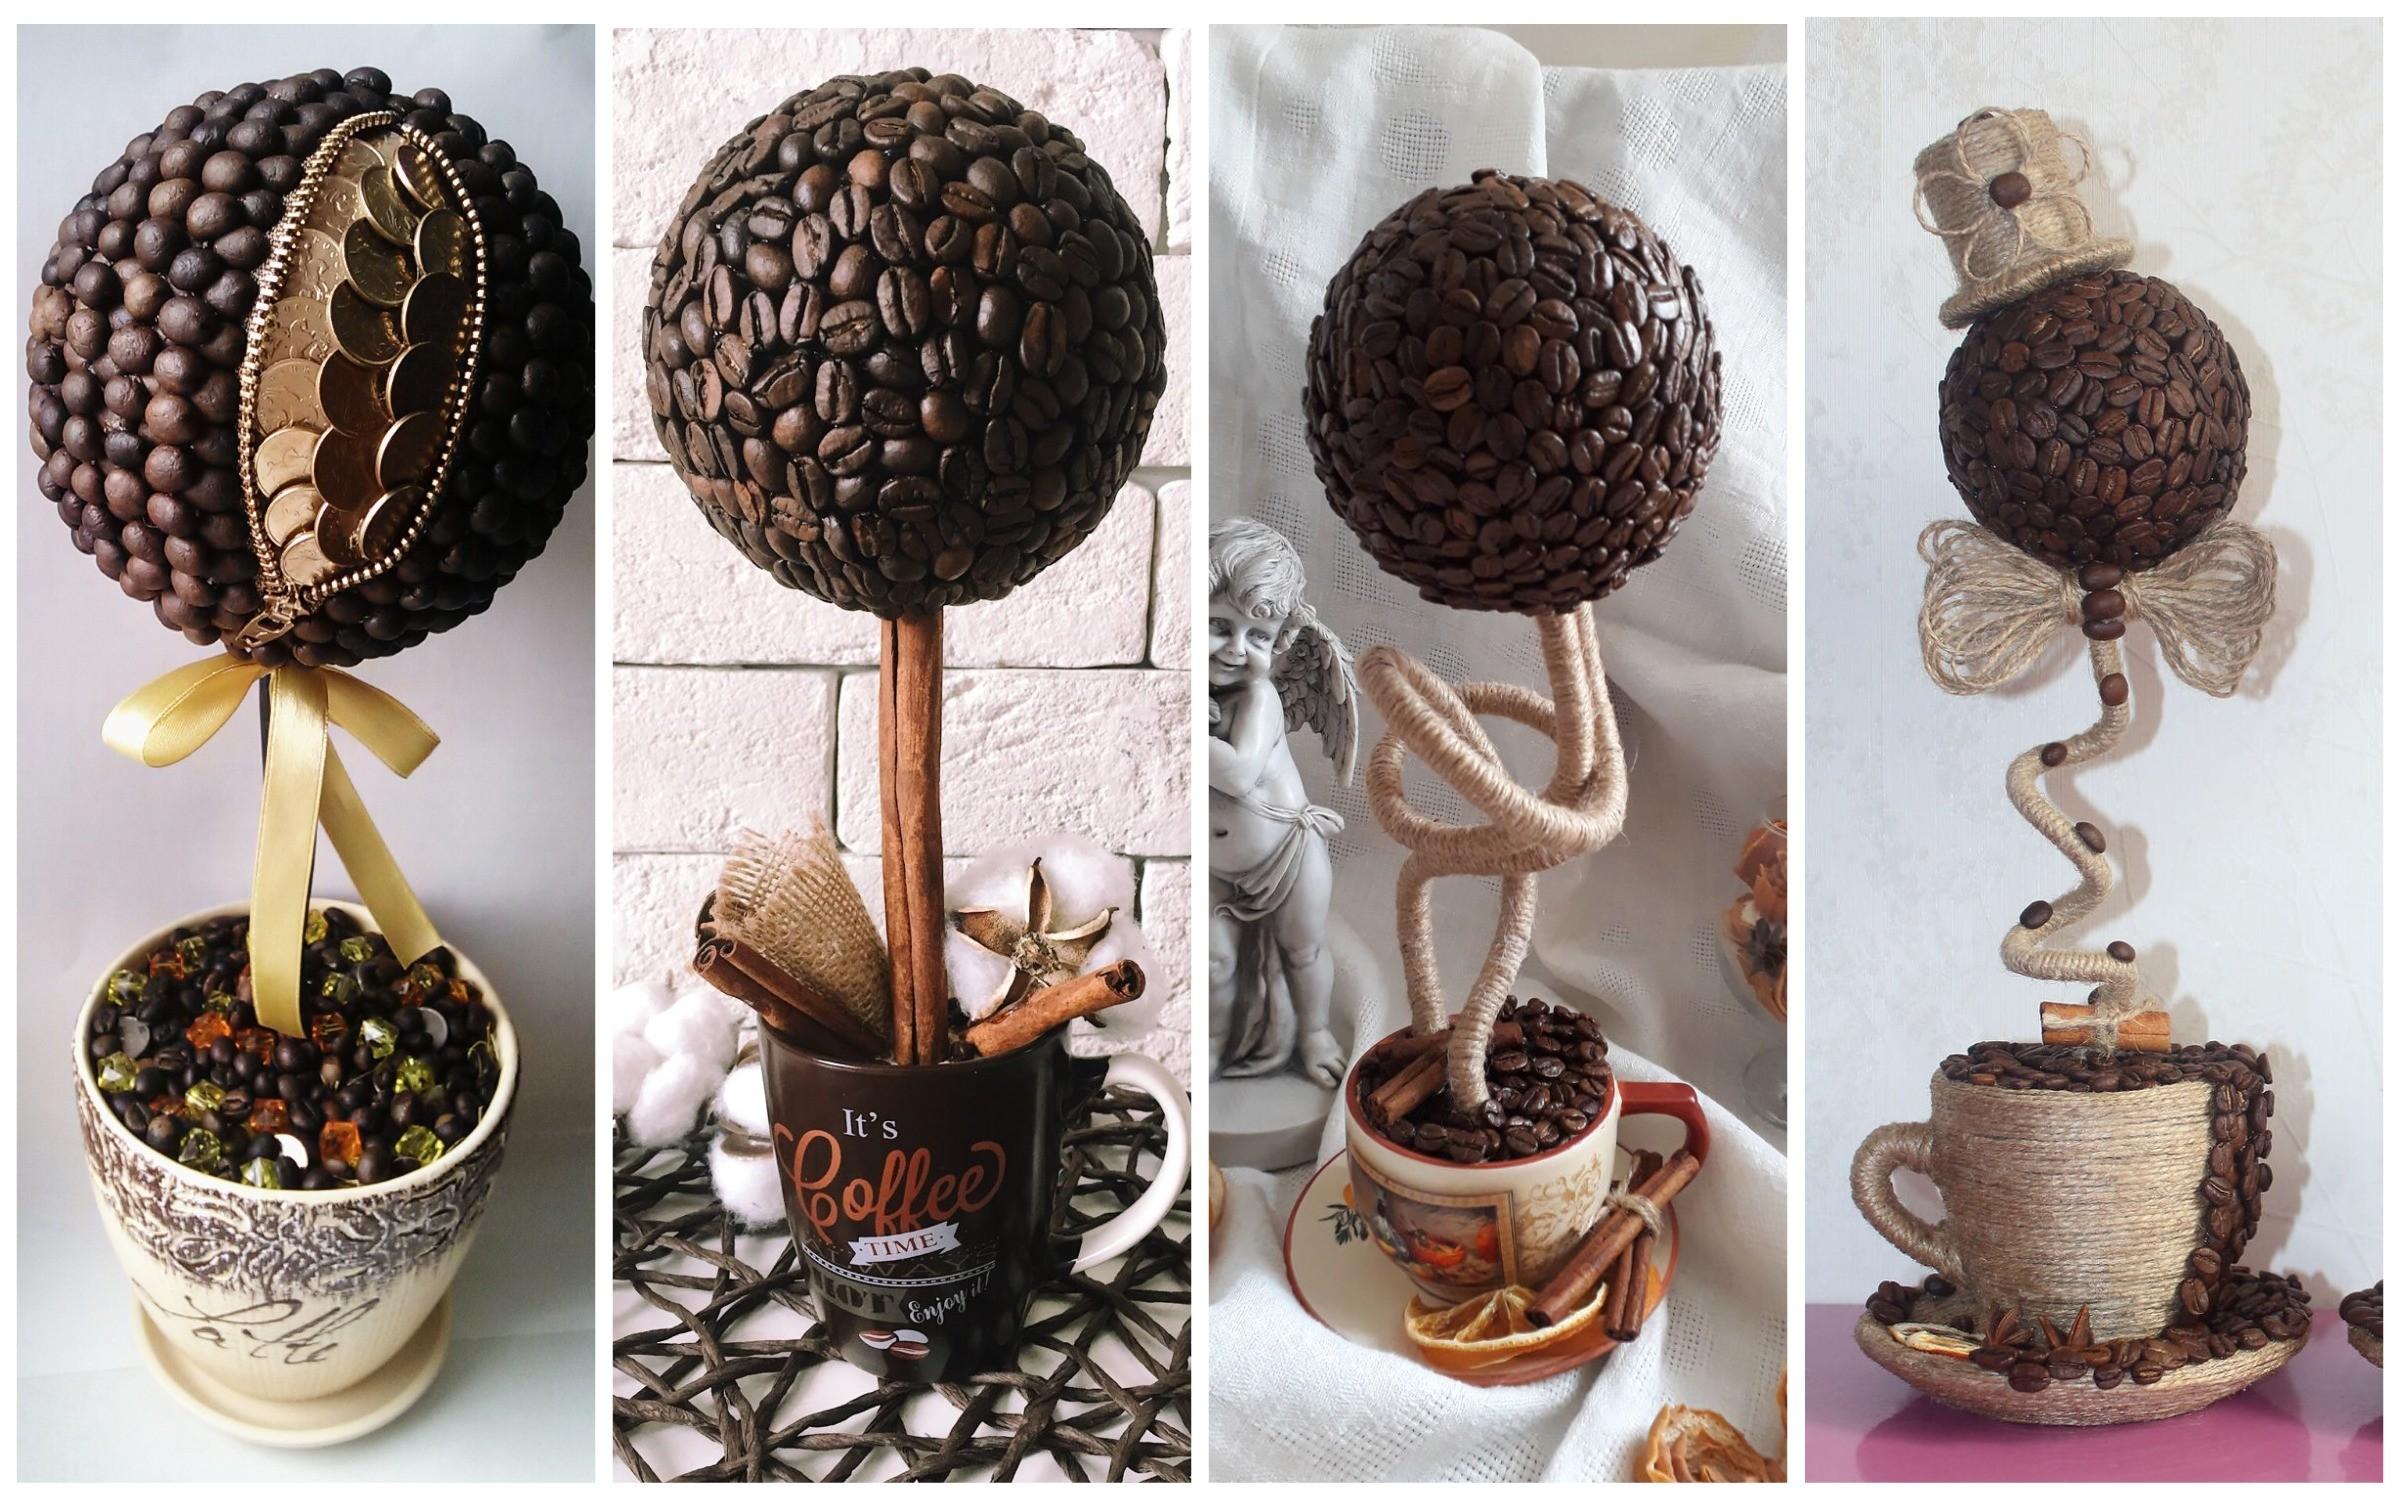 изображение топиарии из кофейных зерен кофе